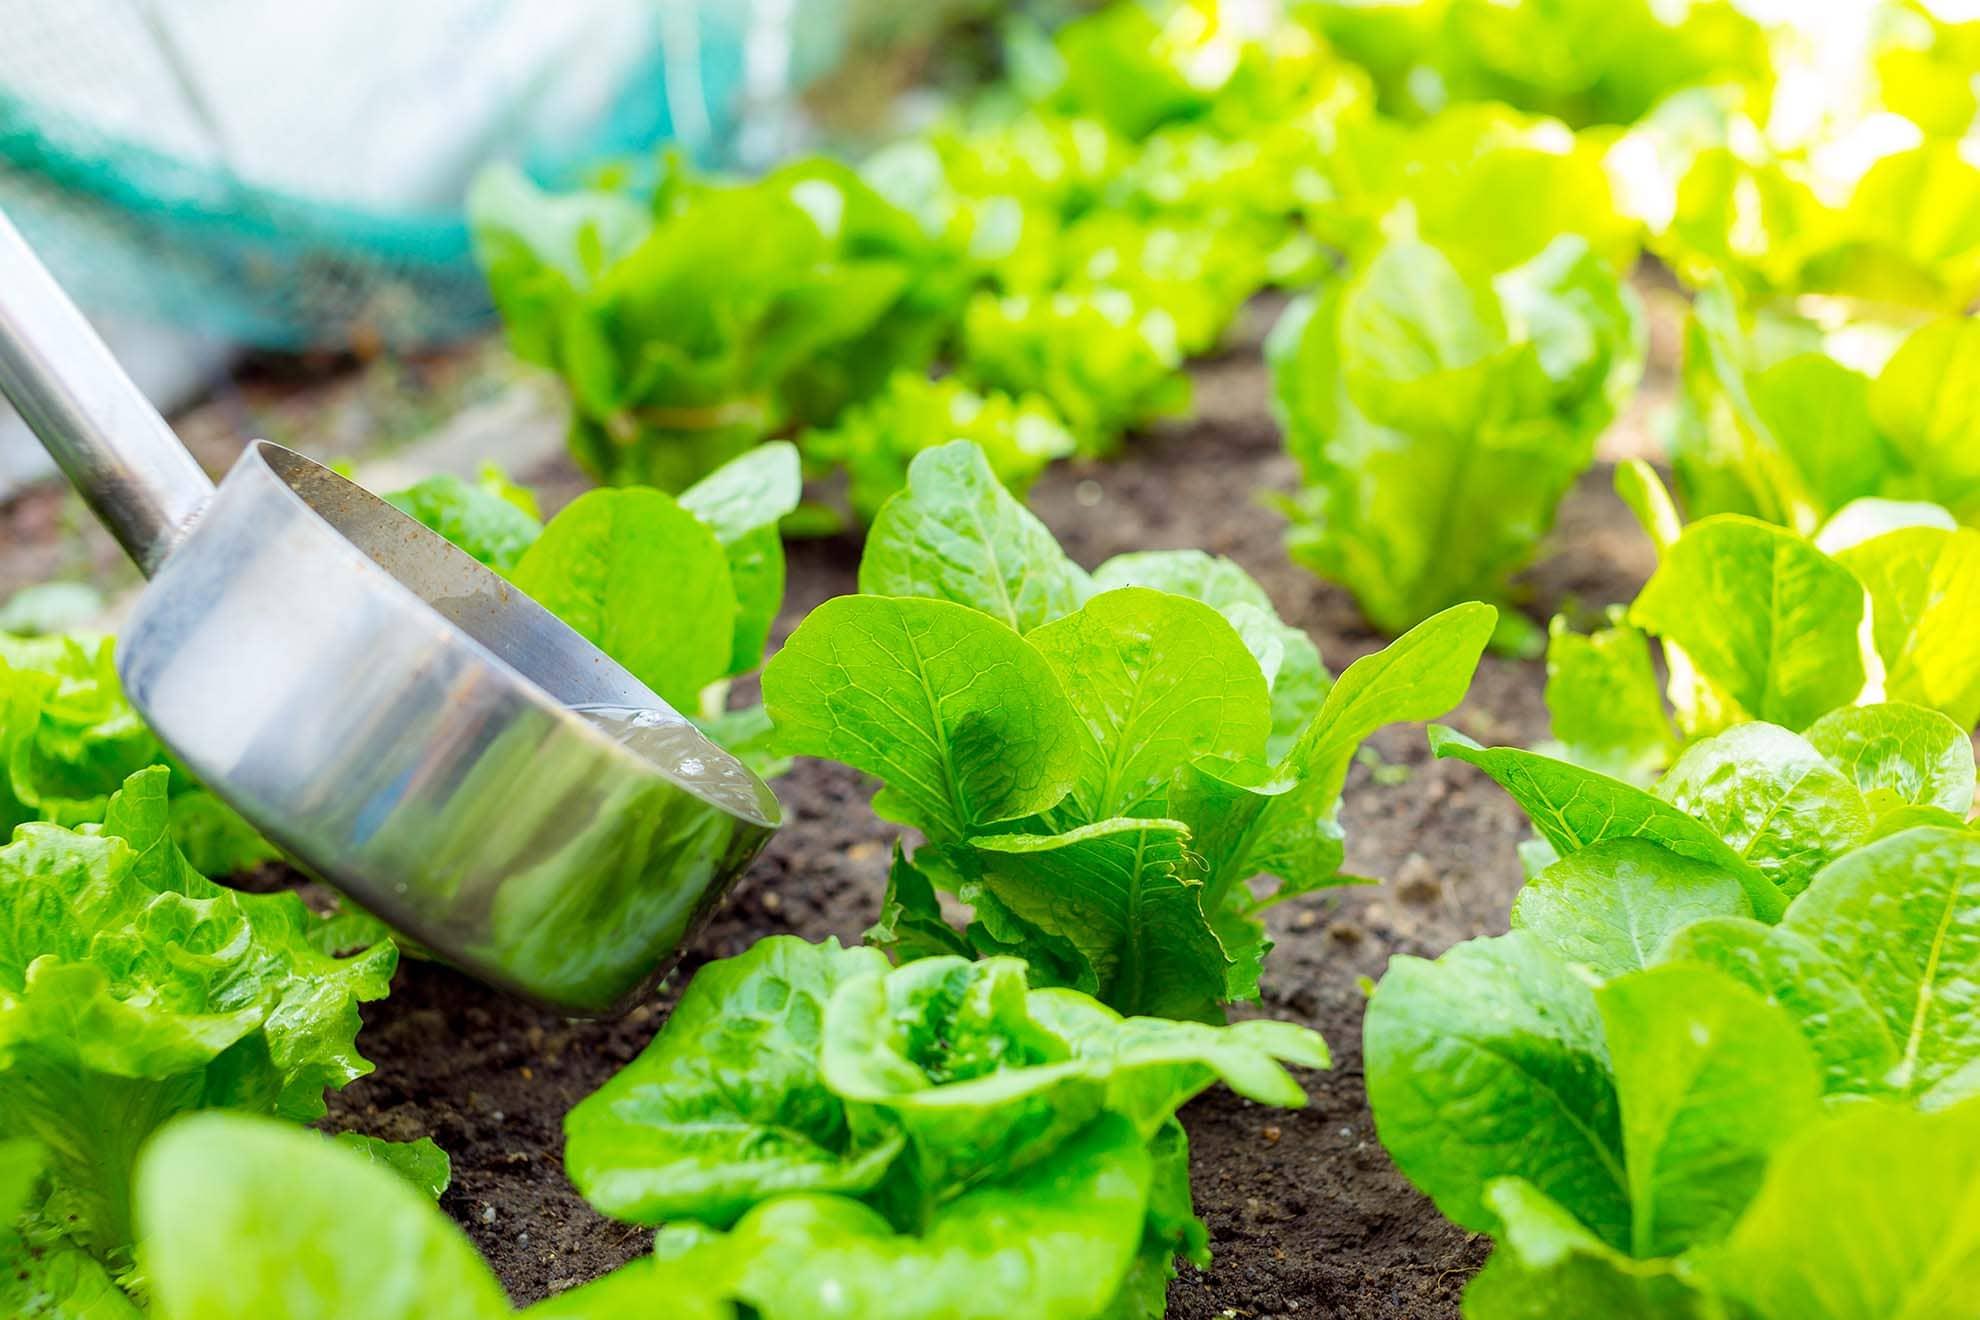 fertilizer-of-lettuce-4XW3TYJ-min